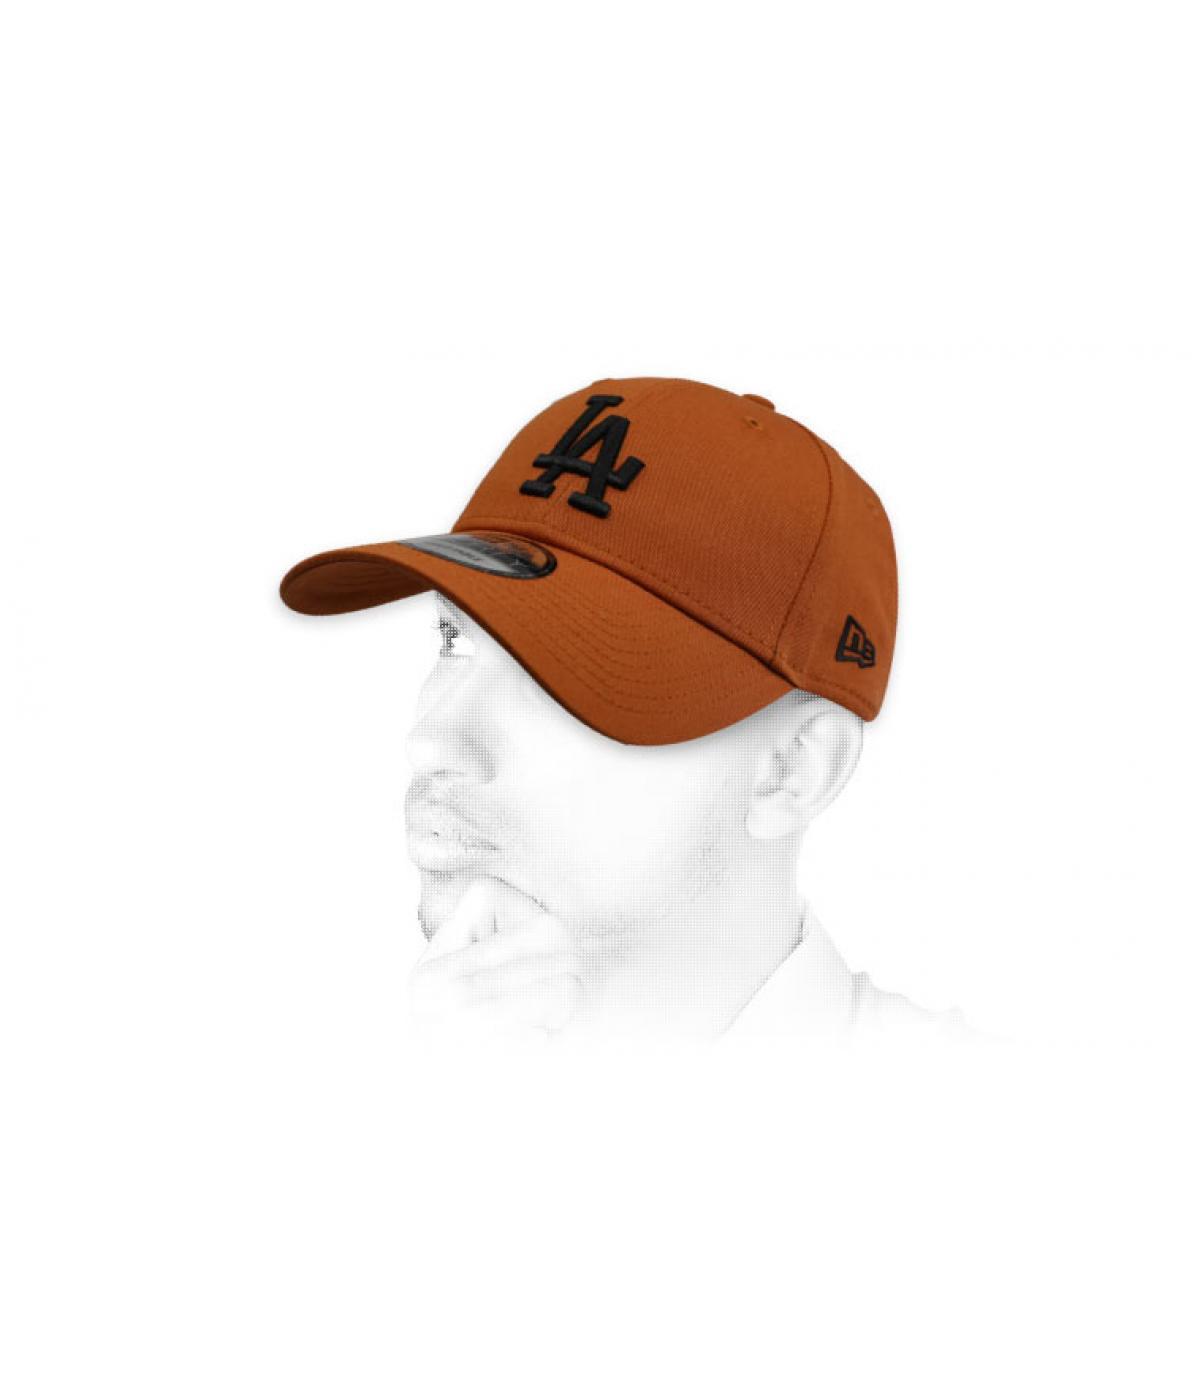 gorra LA marrón negro